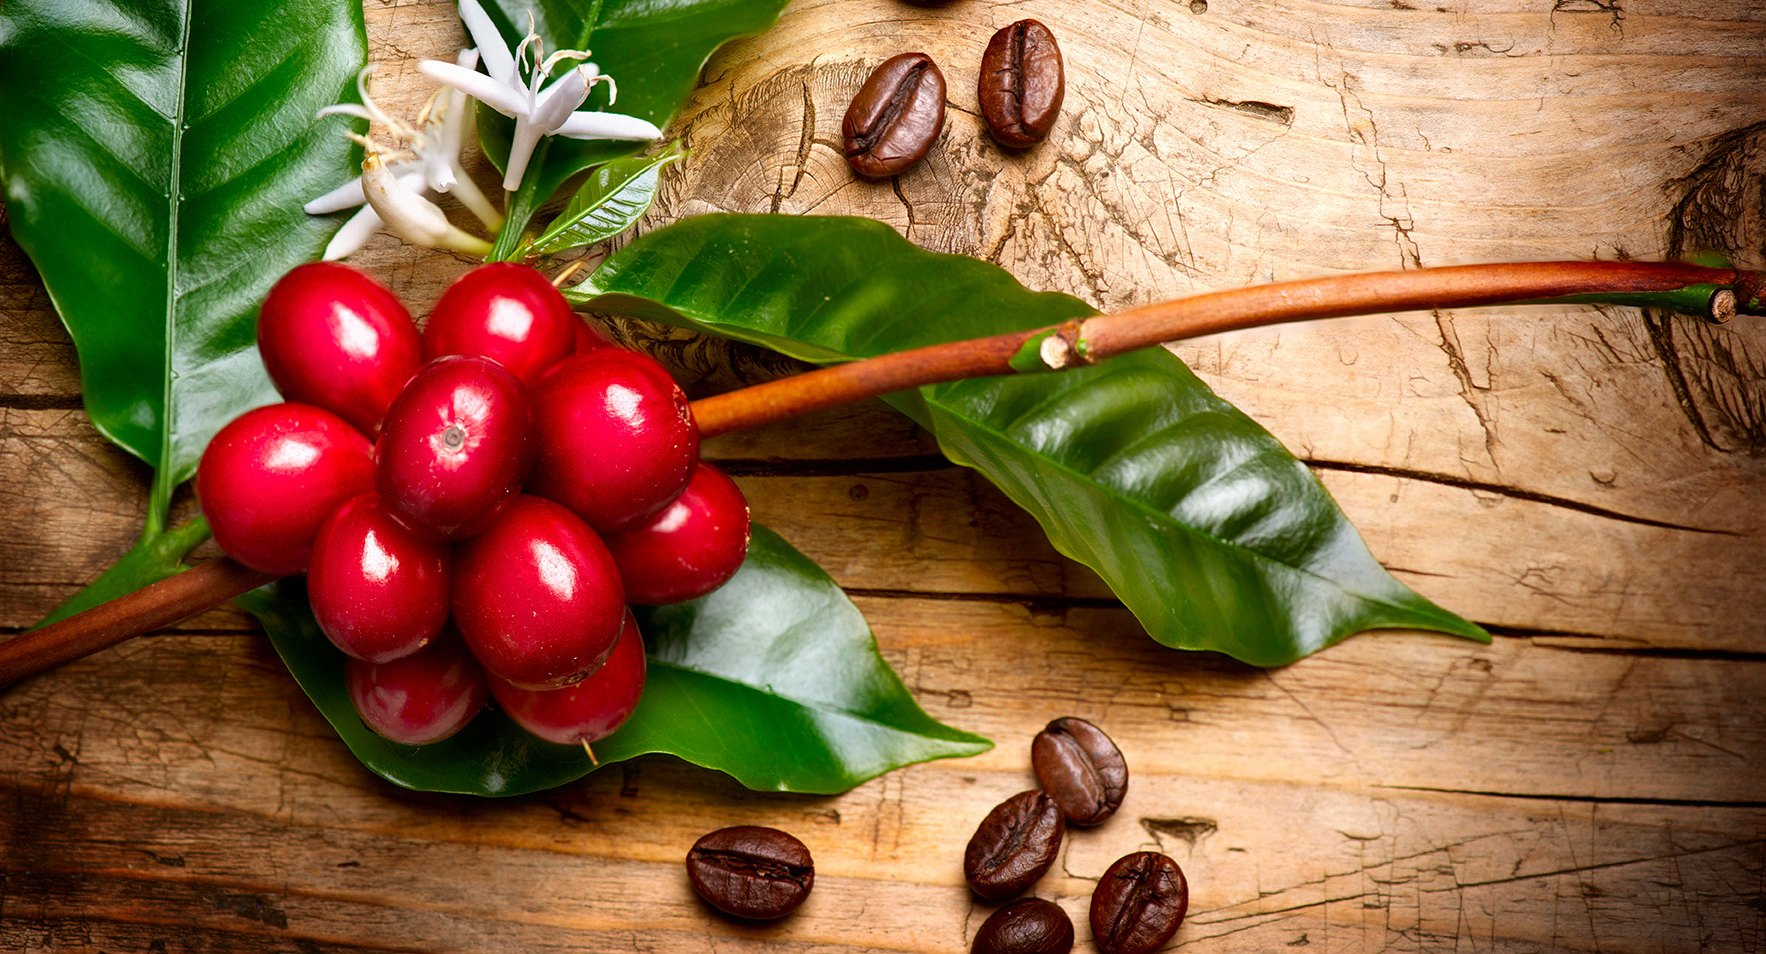 Continúan impulsando medidas para reactivar el sector cafetalero y la renovación de plantas